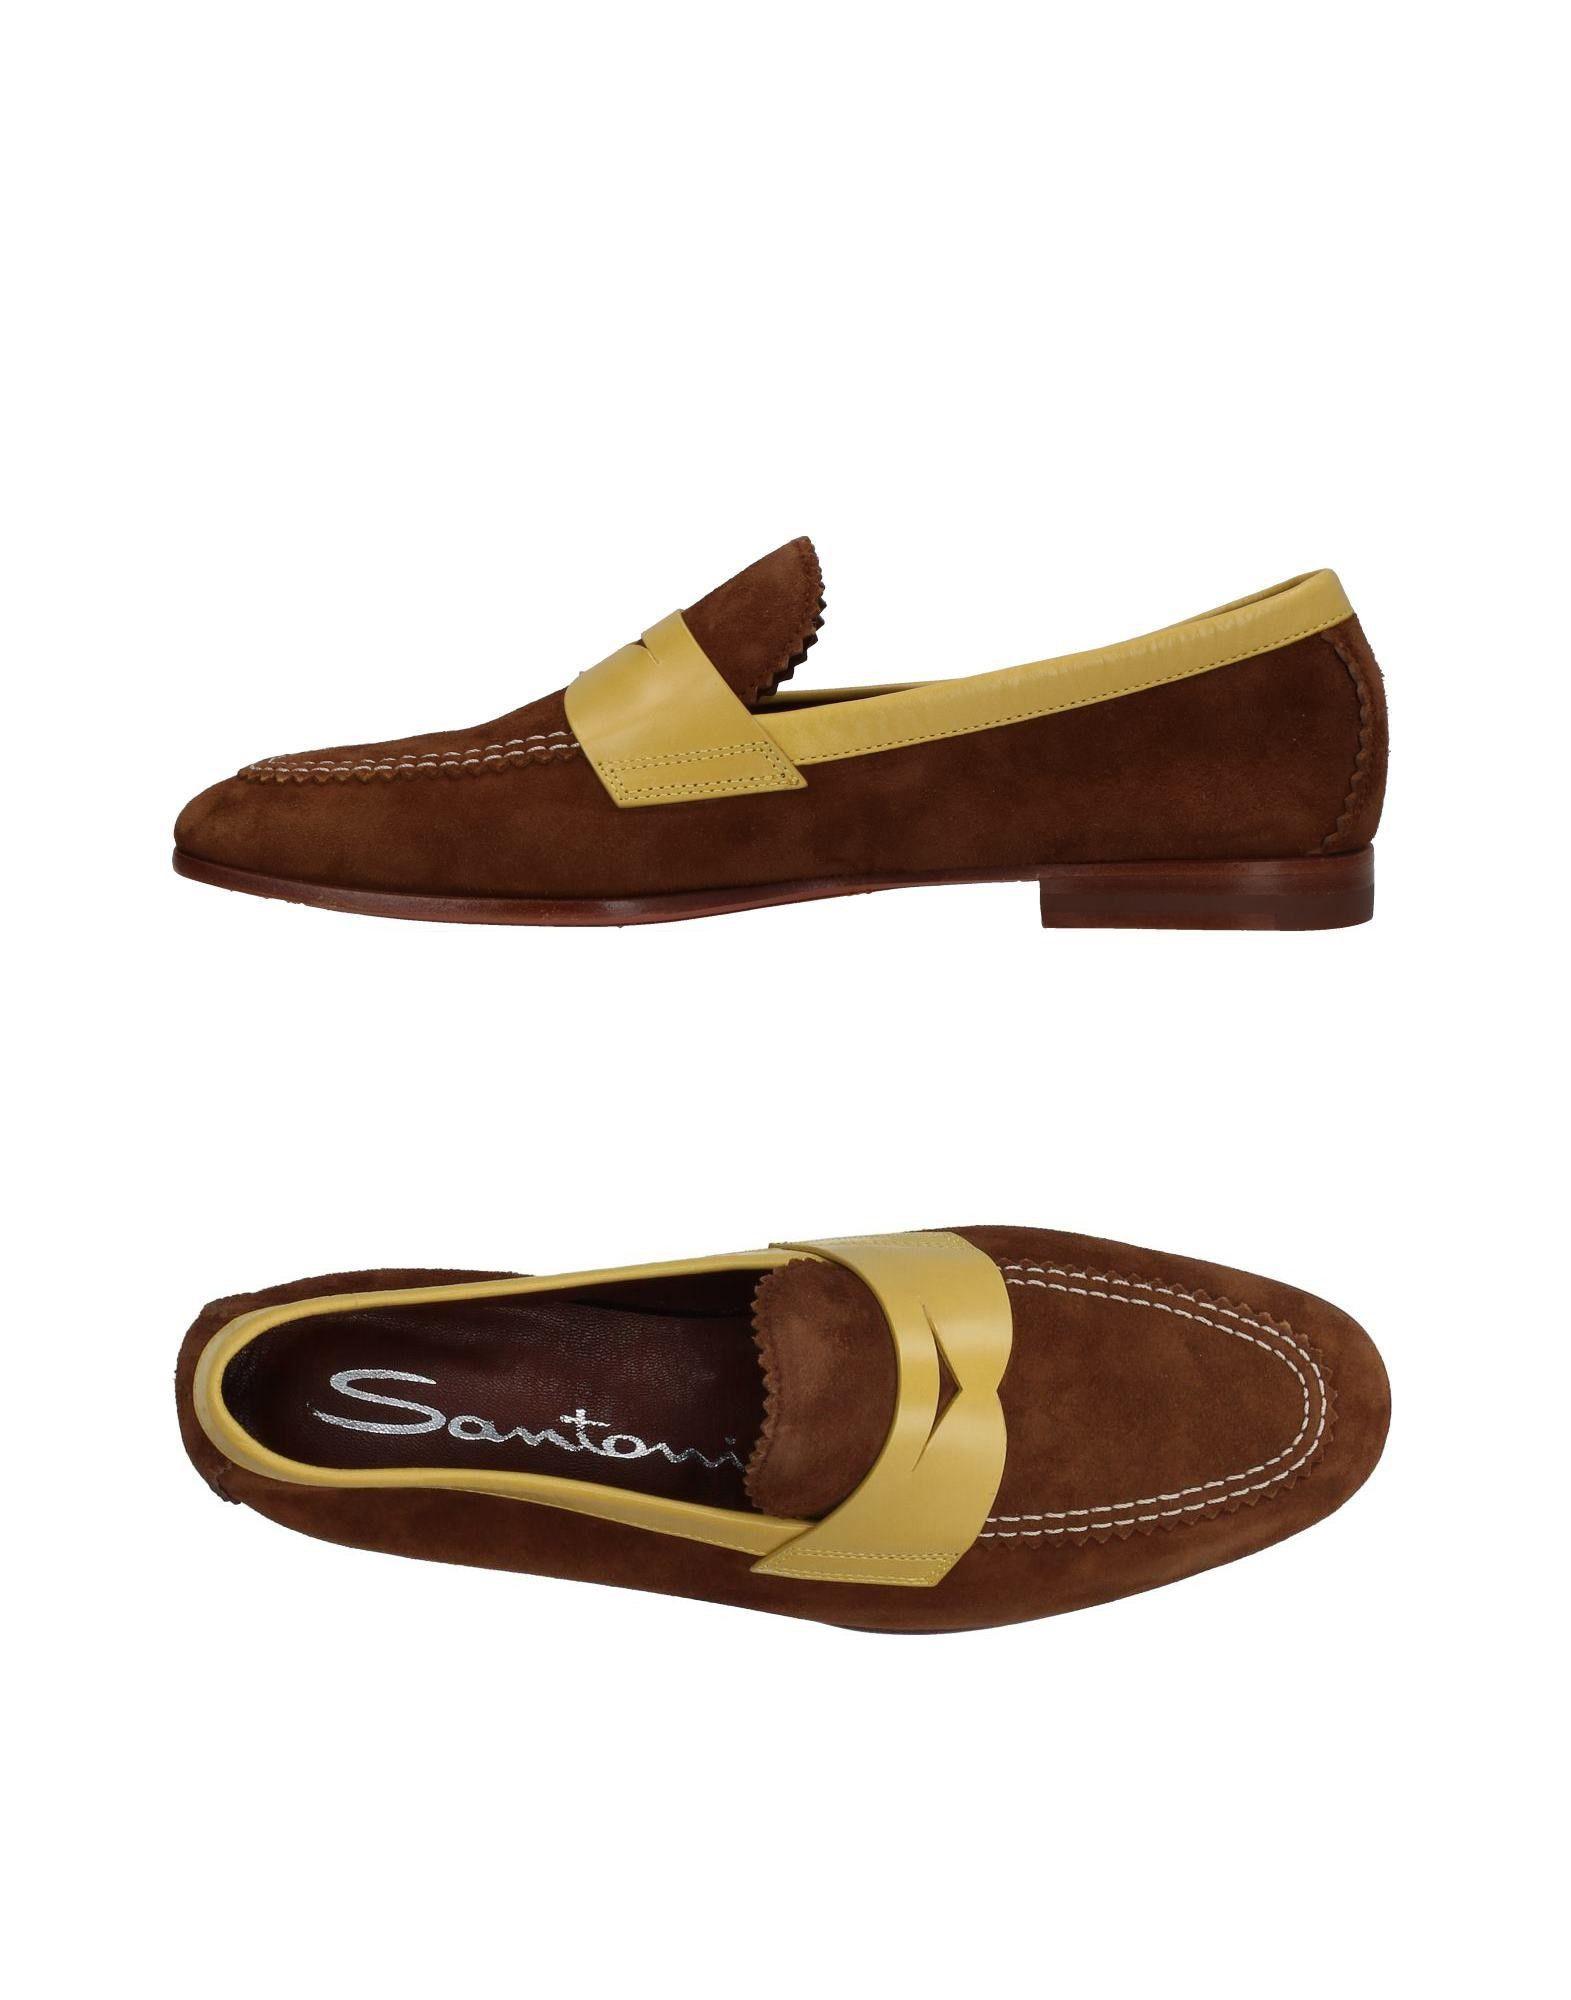 Santoni Mokassins Damen  11389996BXGut aussehende strapazierfähige Schuhe